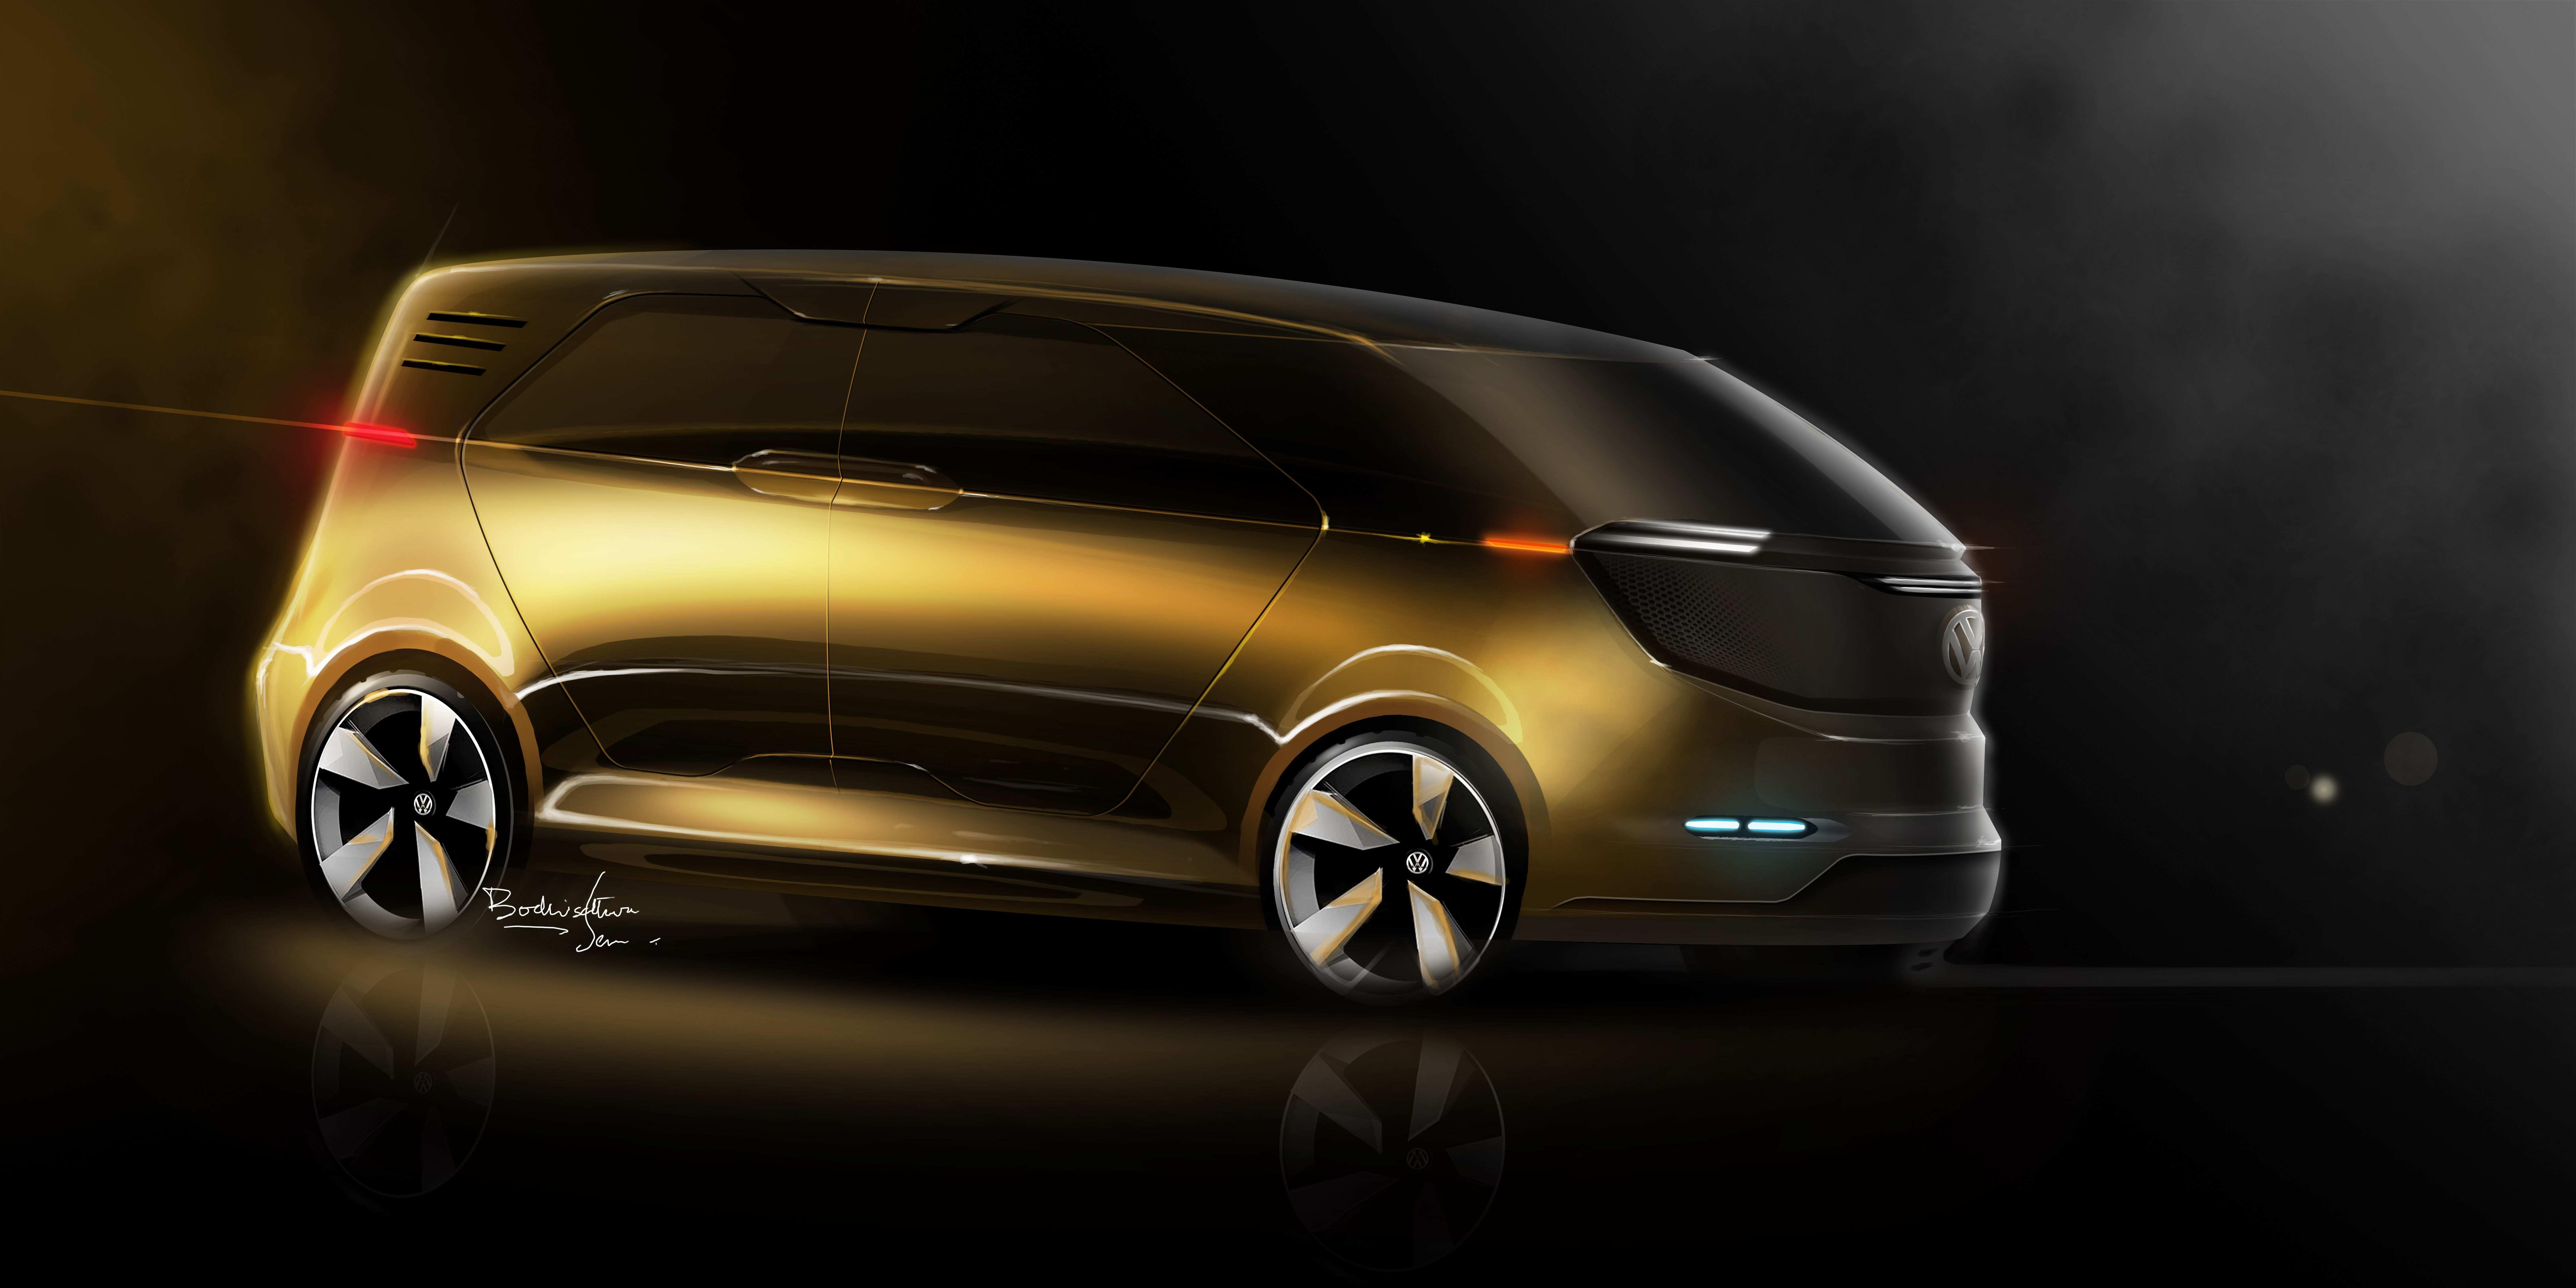 12 The Volkswagen Camper 2020 Price by Volkswagen Camper 2020